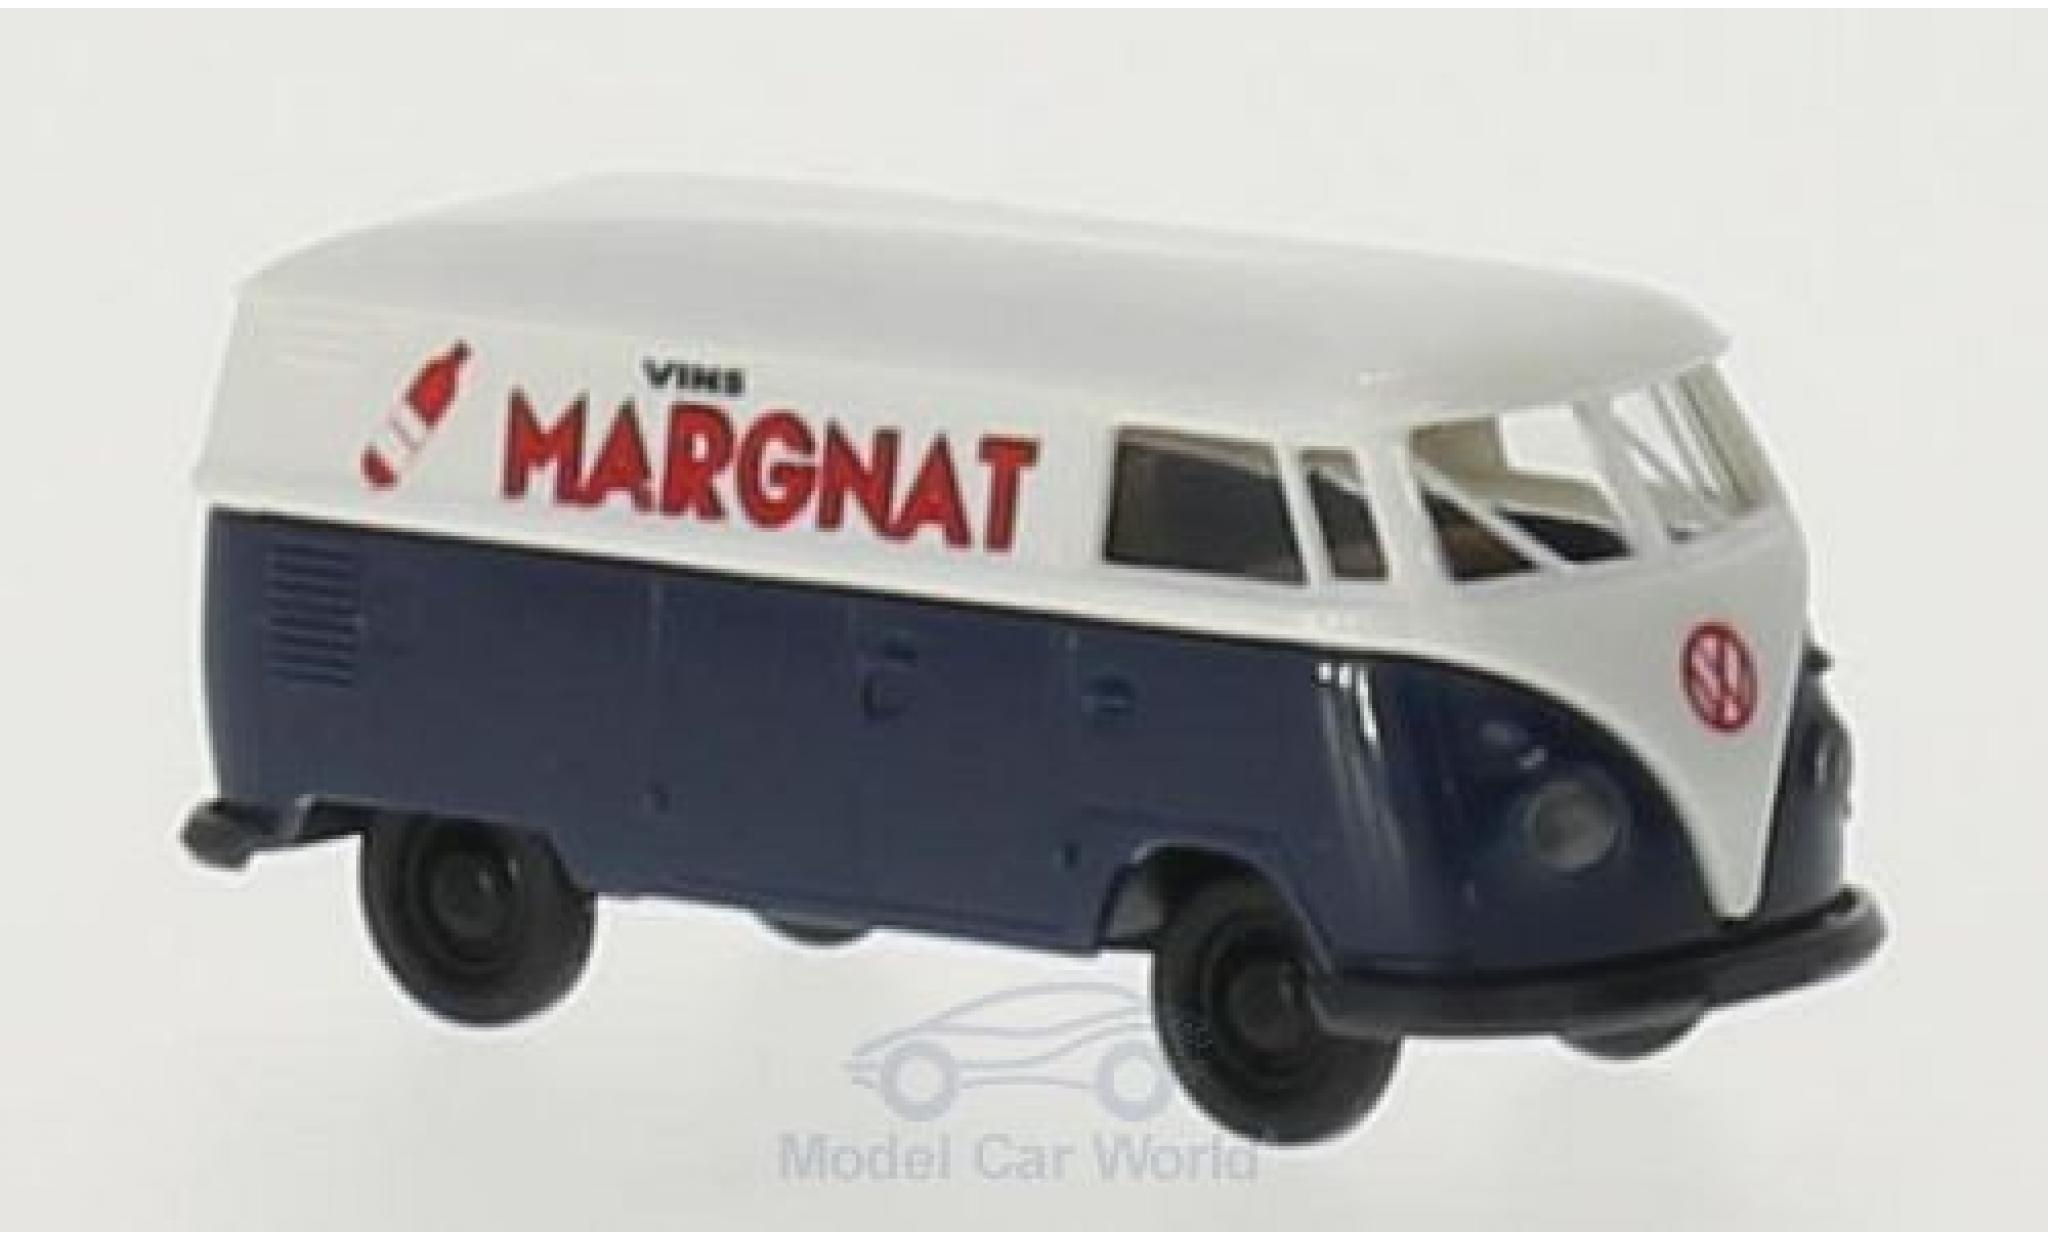 Volkswagen T1 1/87 Brekina b Kasten Vins Margnat